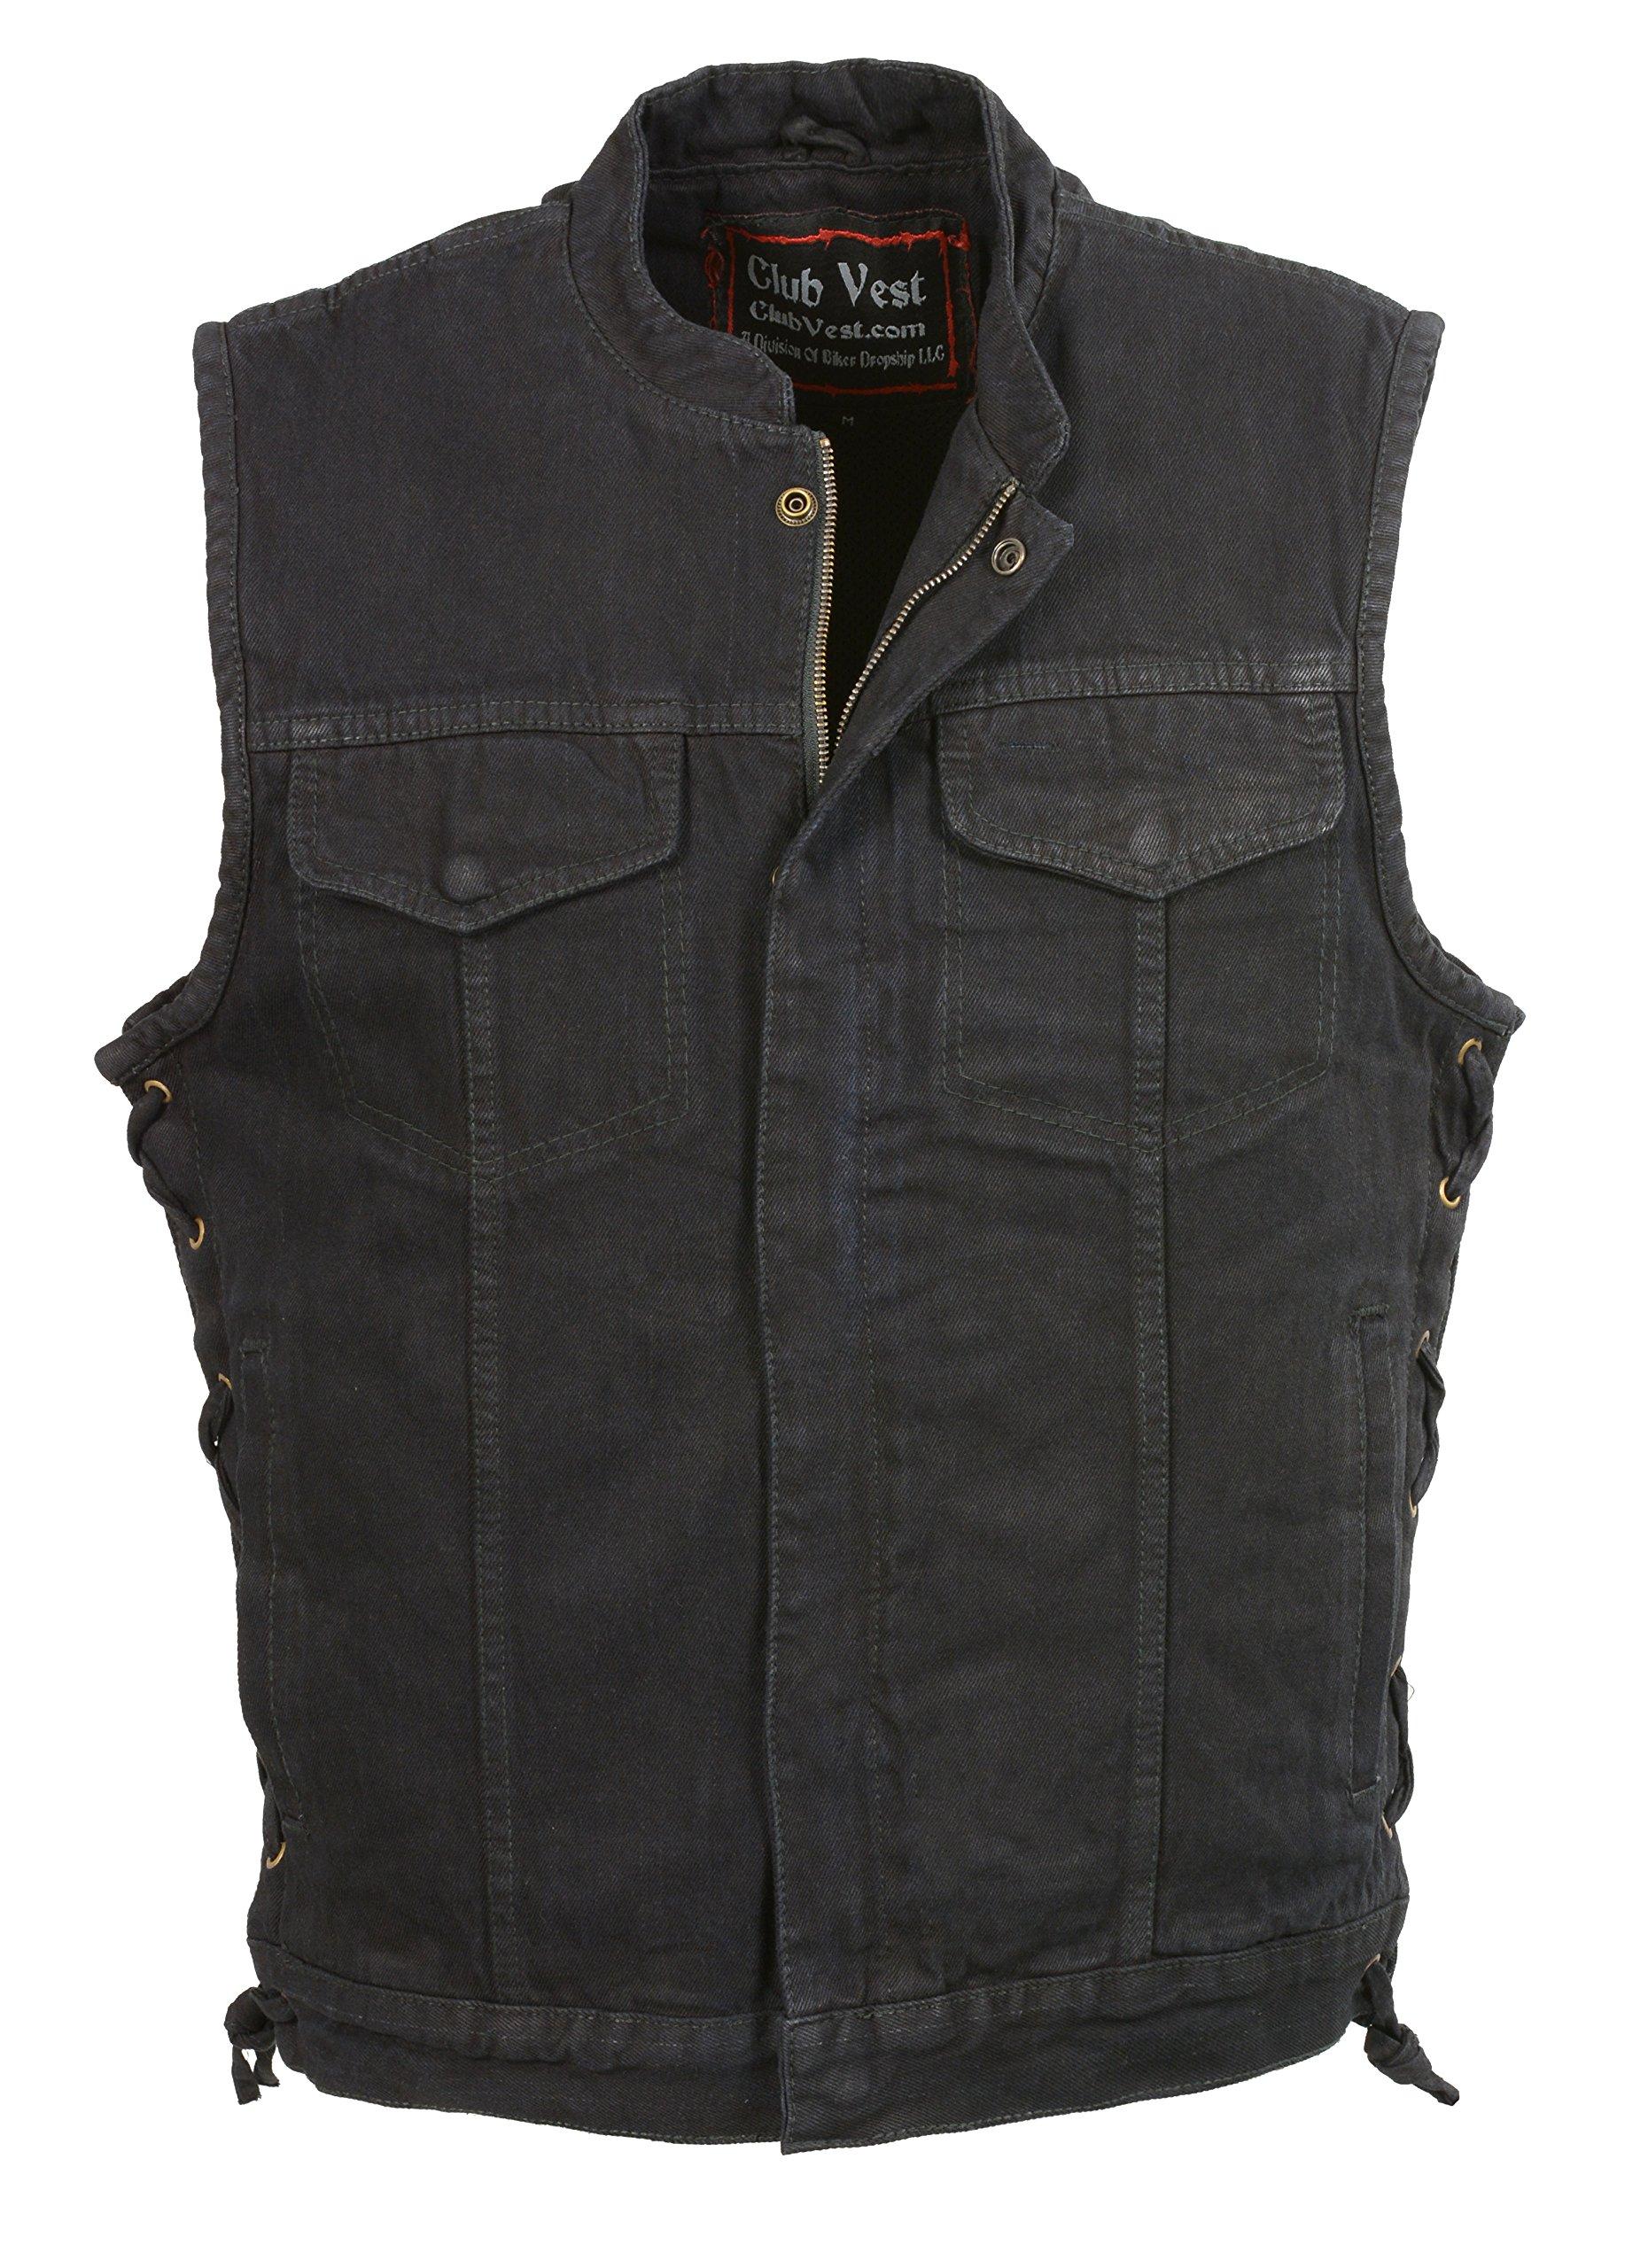 Club Vest Men's Side Lace Denim Club Vest With Hidden Zipper(Black, 6X) by Club Vest